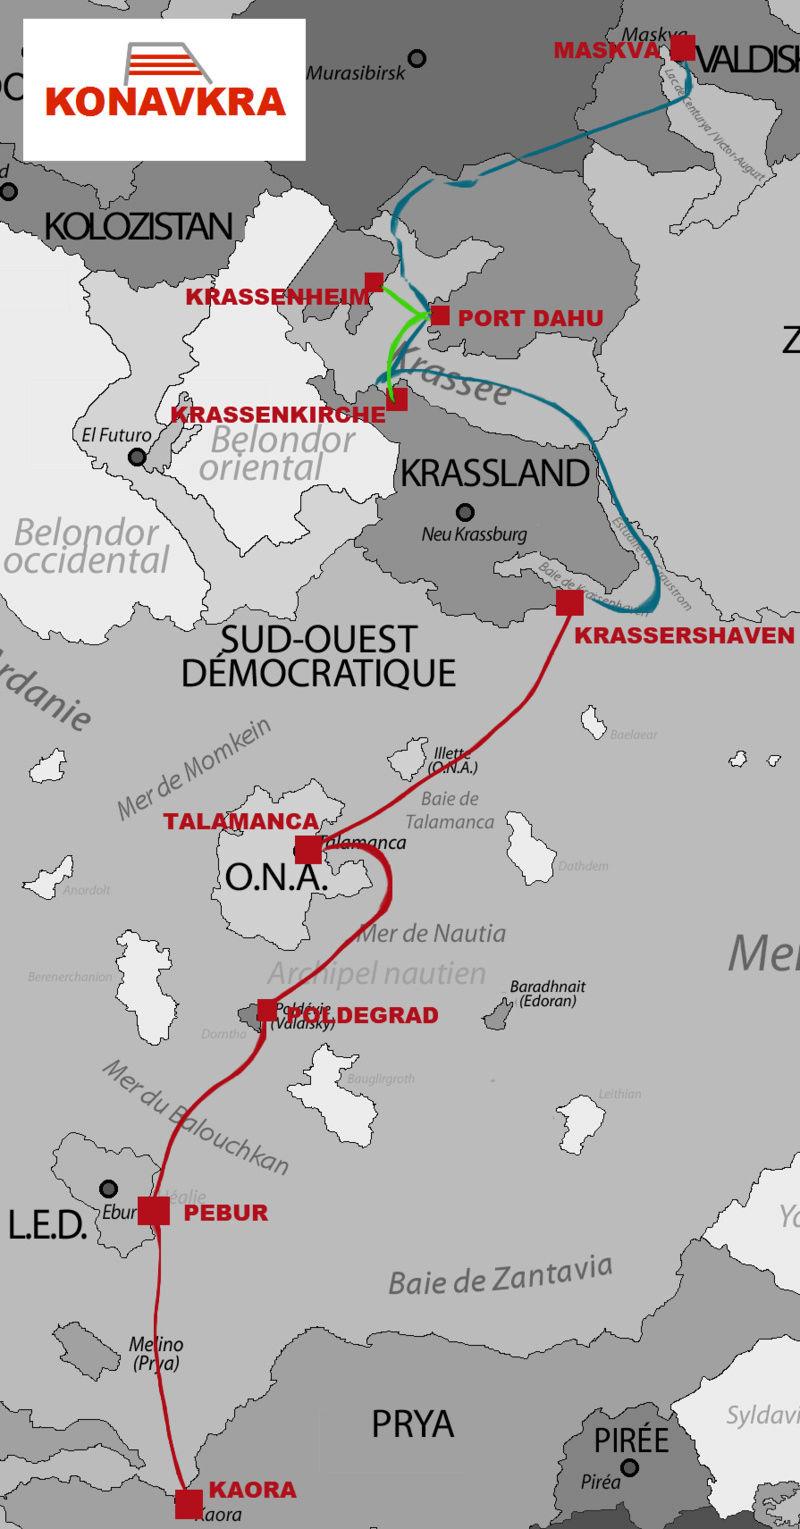 Lignes de ferries de la KONAVKRA Konavk10